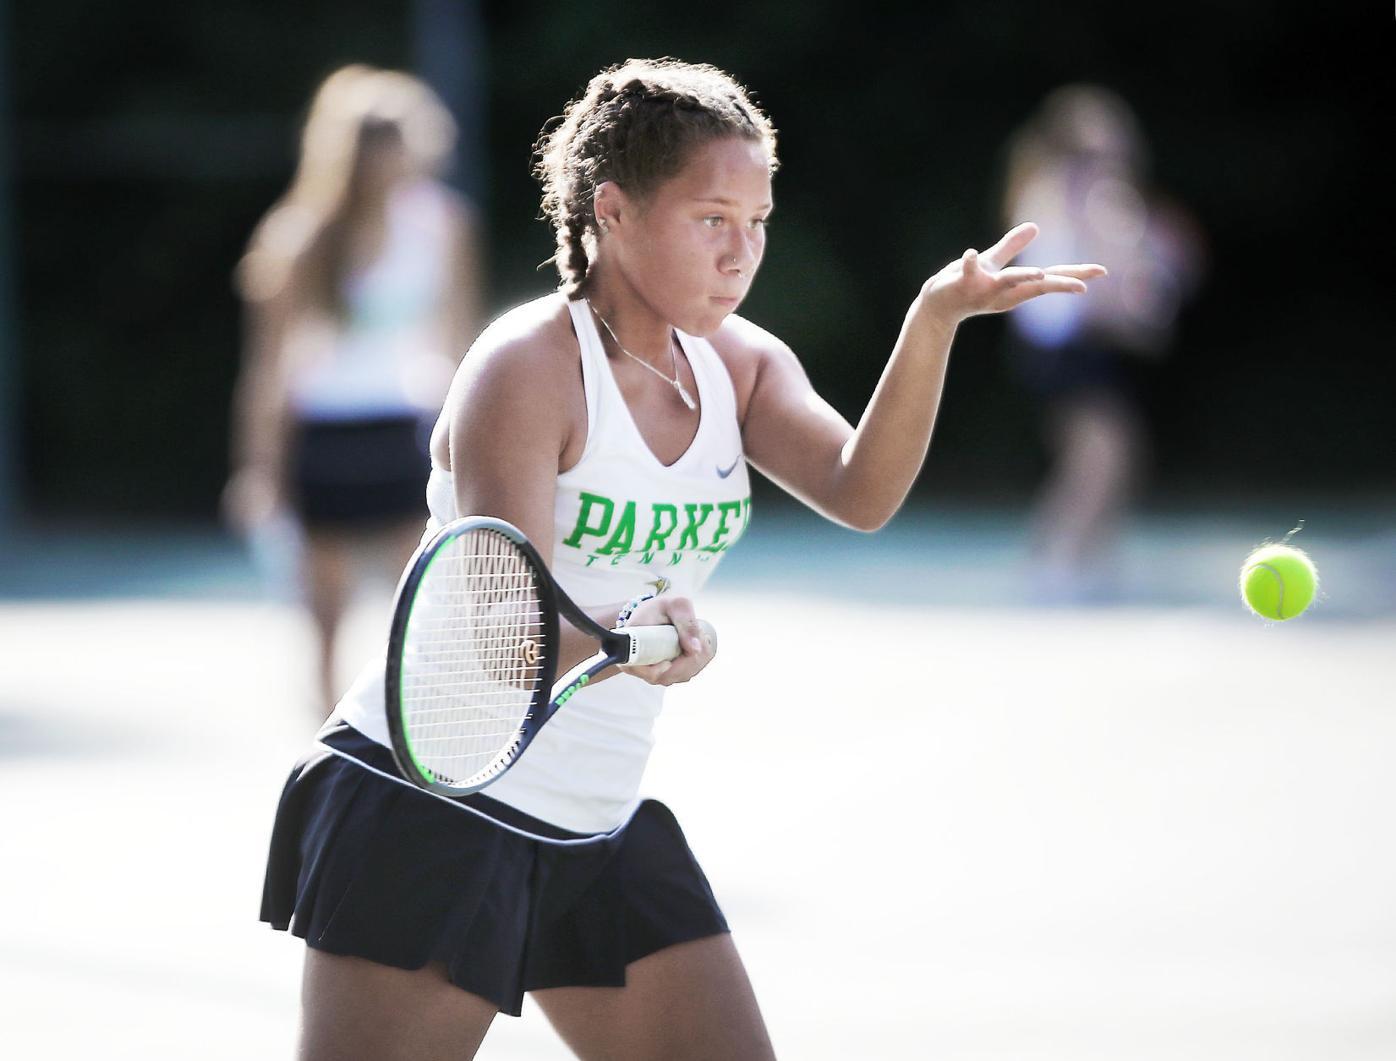 Janesville Parker No. 1 singles player Annie Barnes